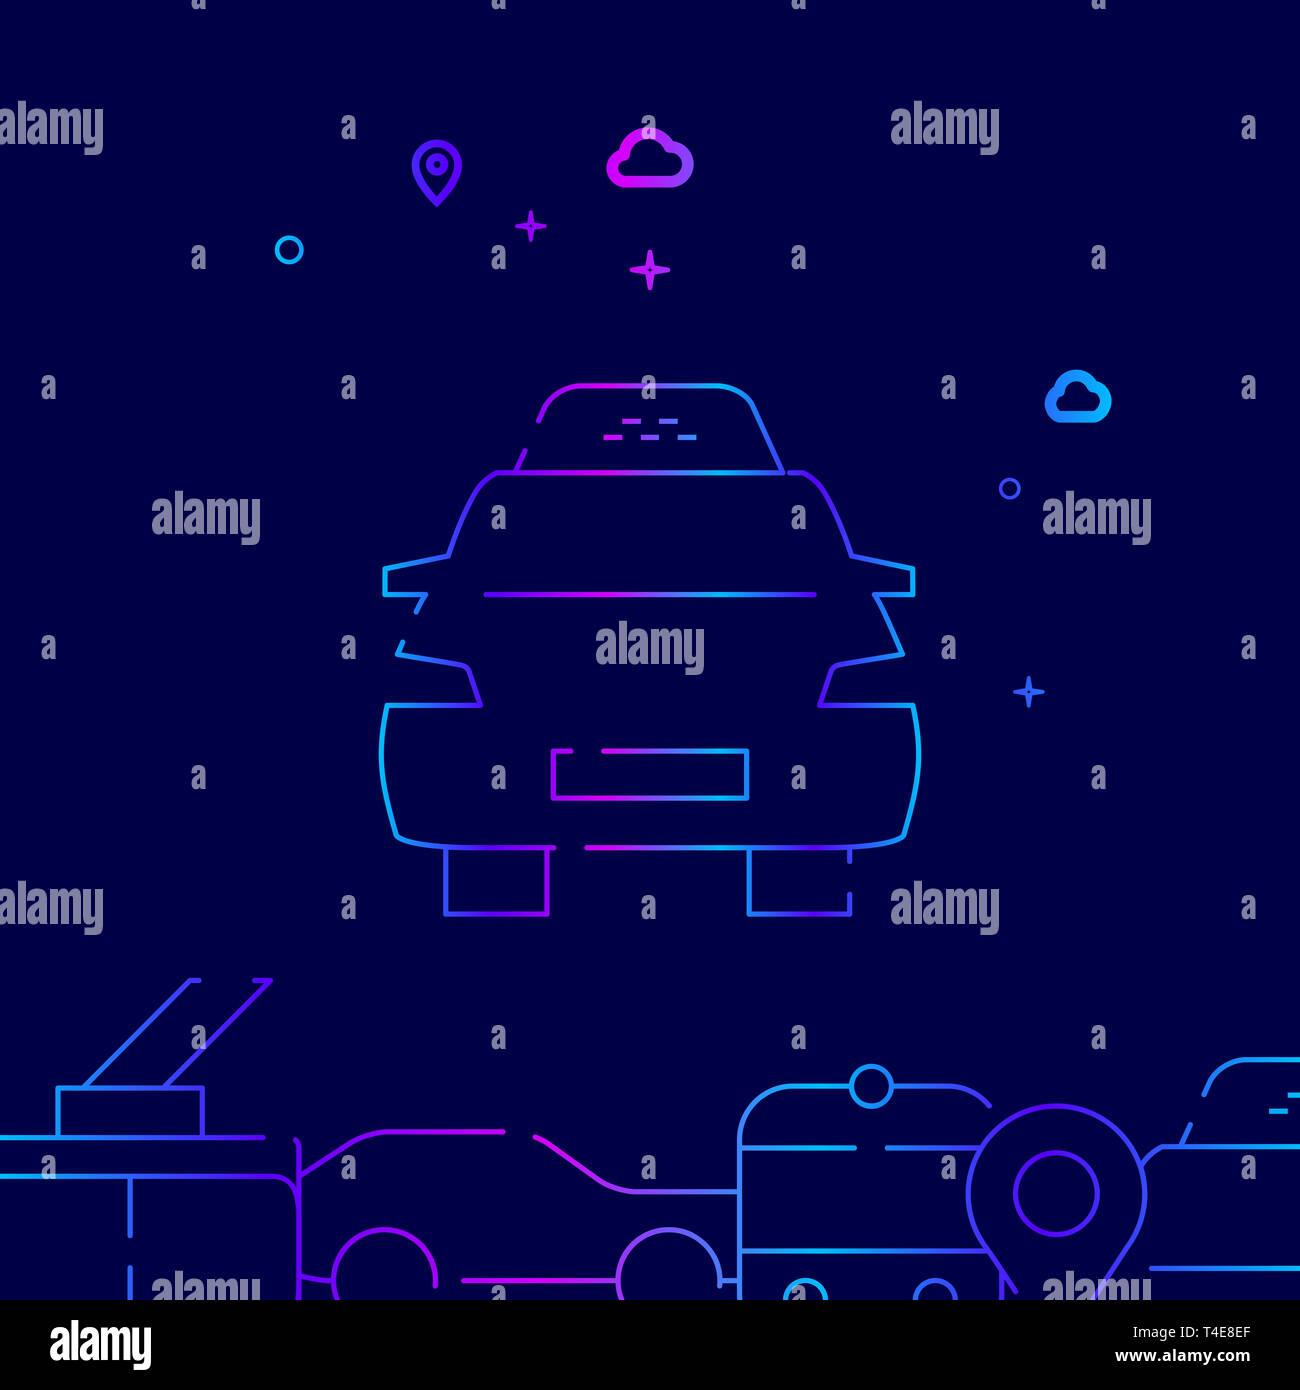 Taxi Car Line Ilustración. Transporte público icono gradiente, el símbolo, el signo. Fondo azul oscuro. Relacionados borde inferior. Imagen De Stock